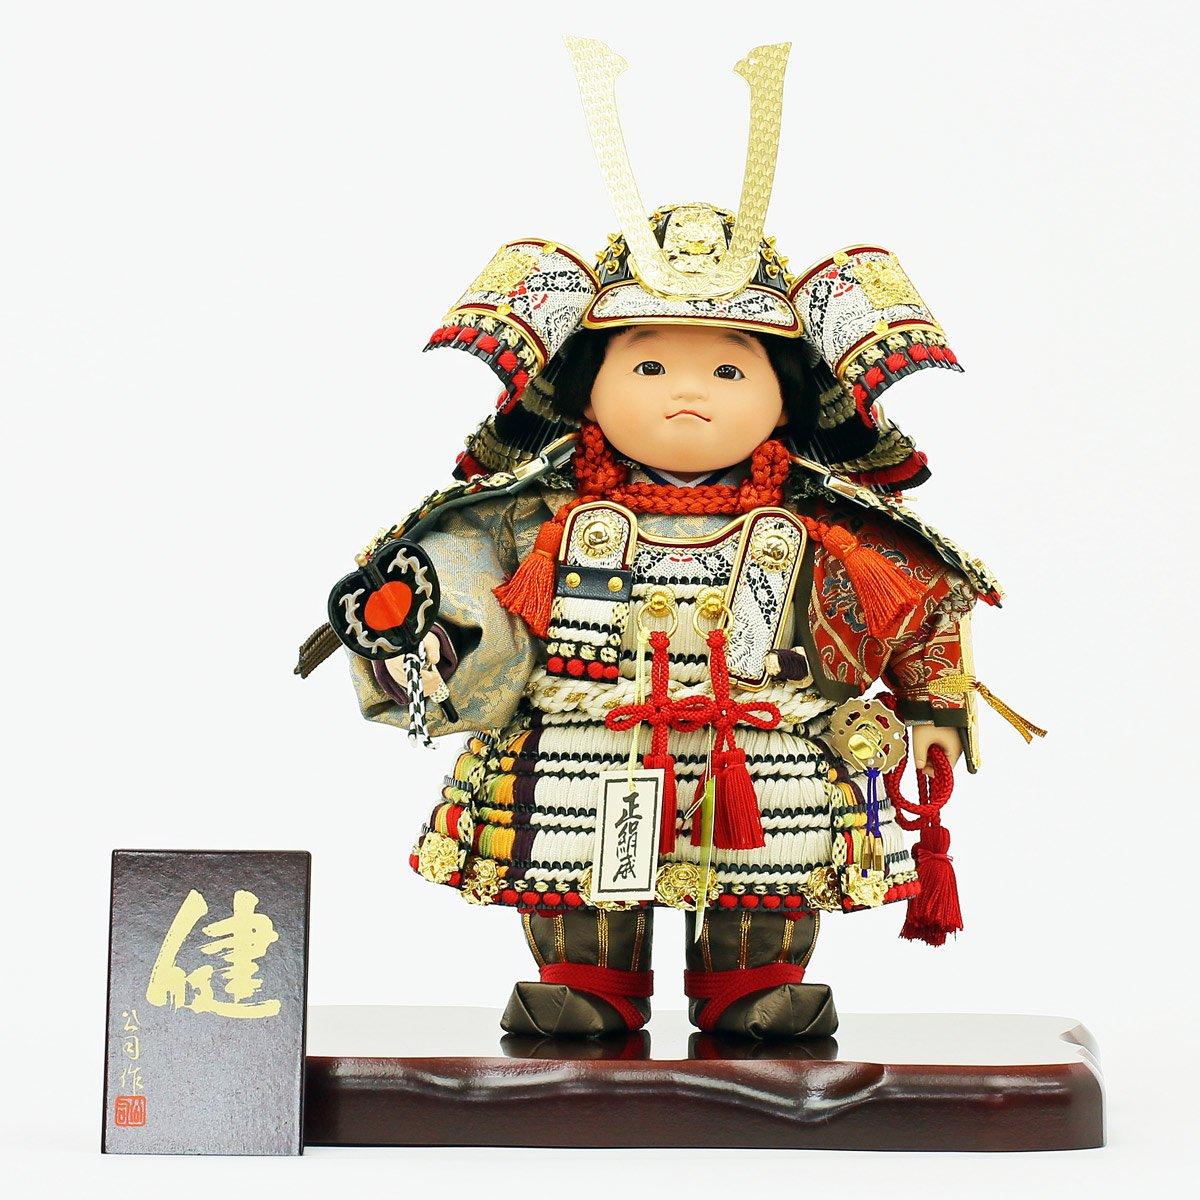 人形工房天祥 五月人形 健シリーズ 健ちゃん 子供大将 武者人形 鎧飾り 甲冑飾り 白絲褄取 鎧着 B01DNEHV2O